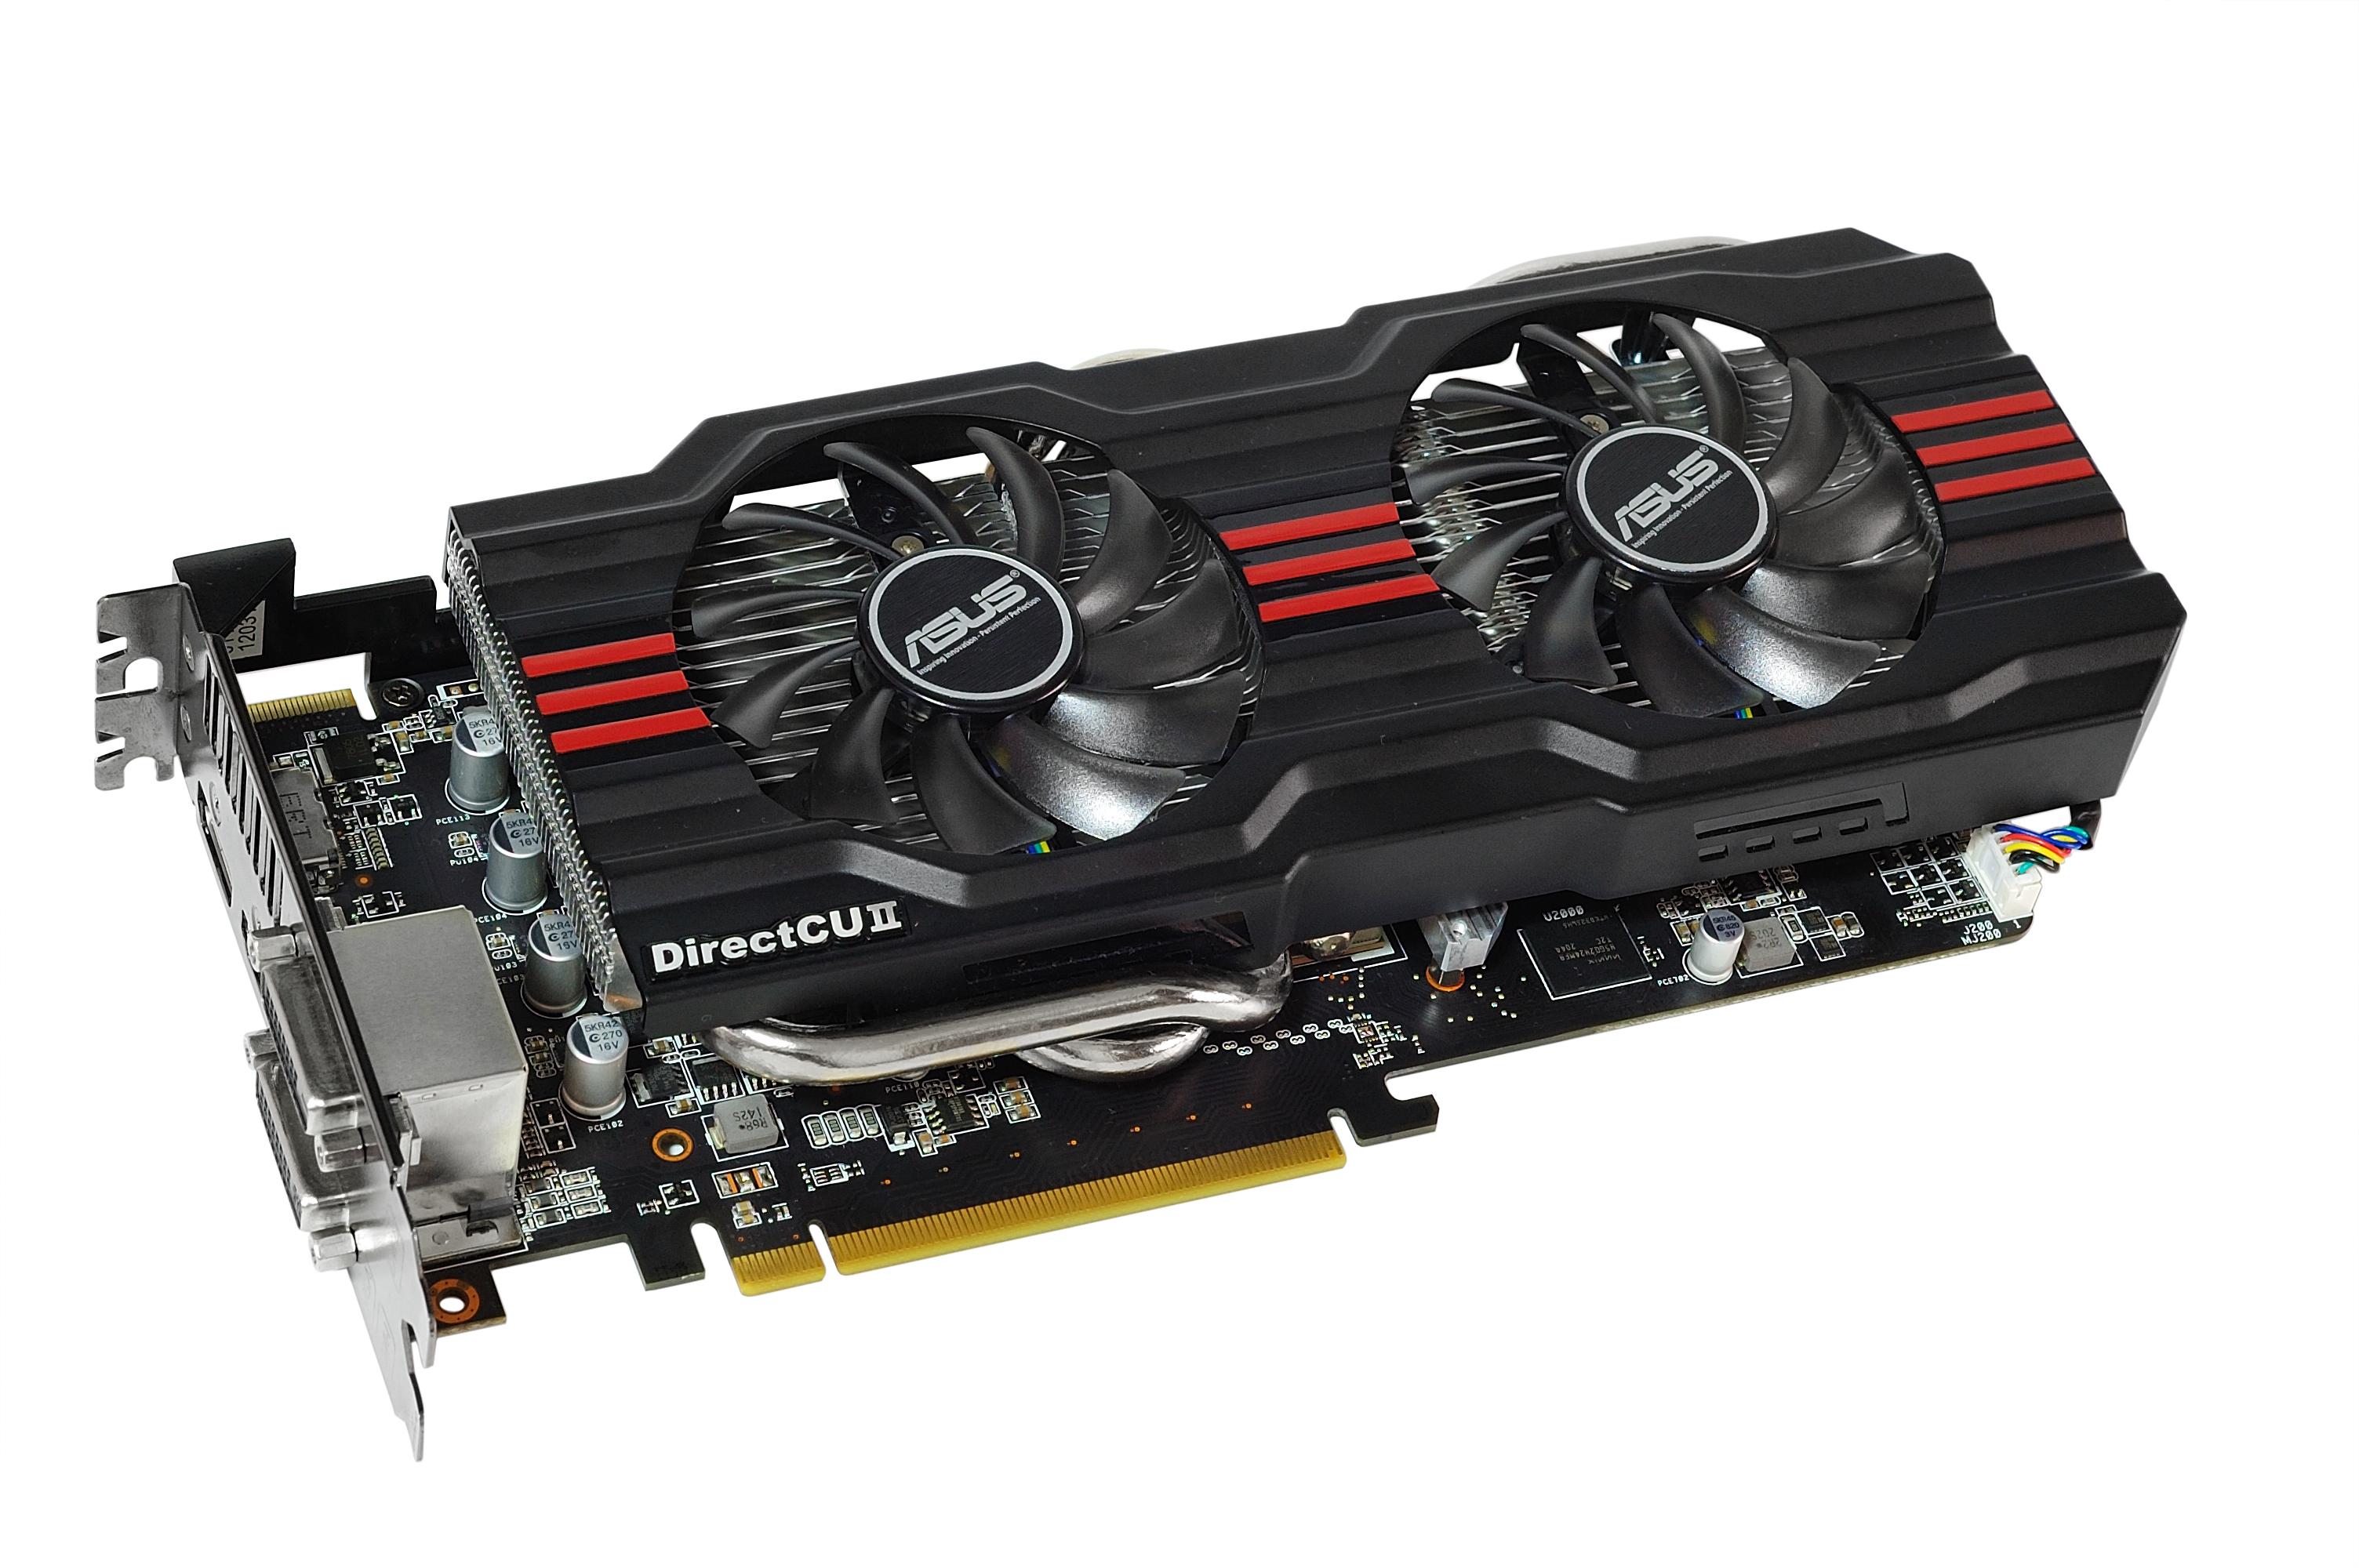 HD7870-DC2-2GD5-V2